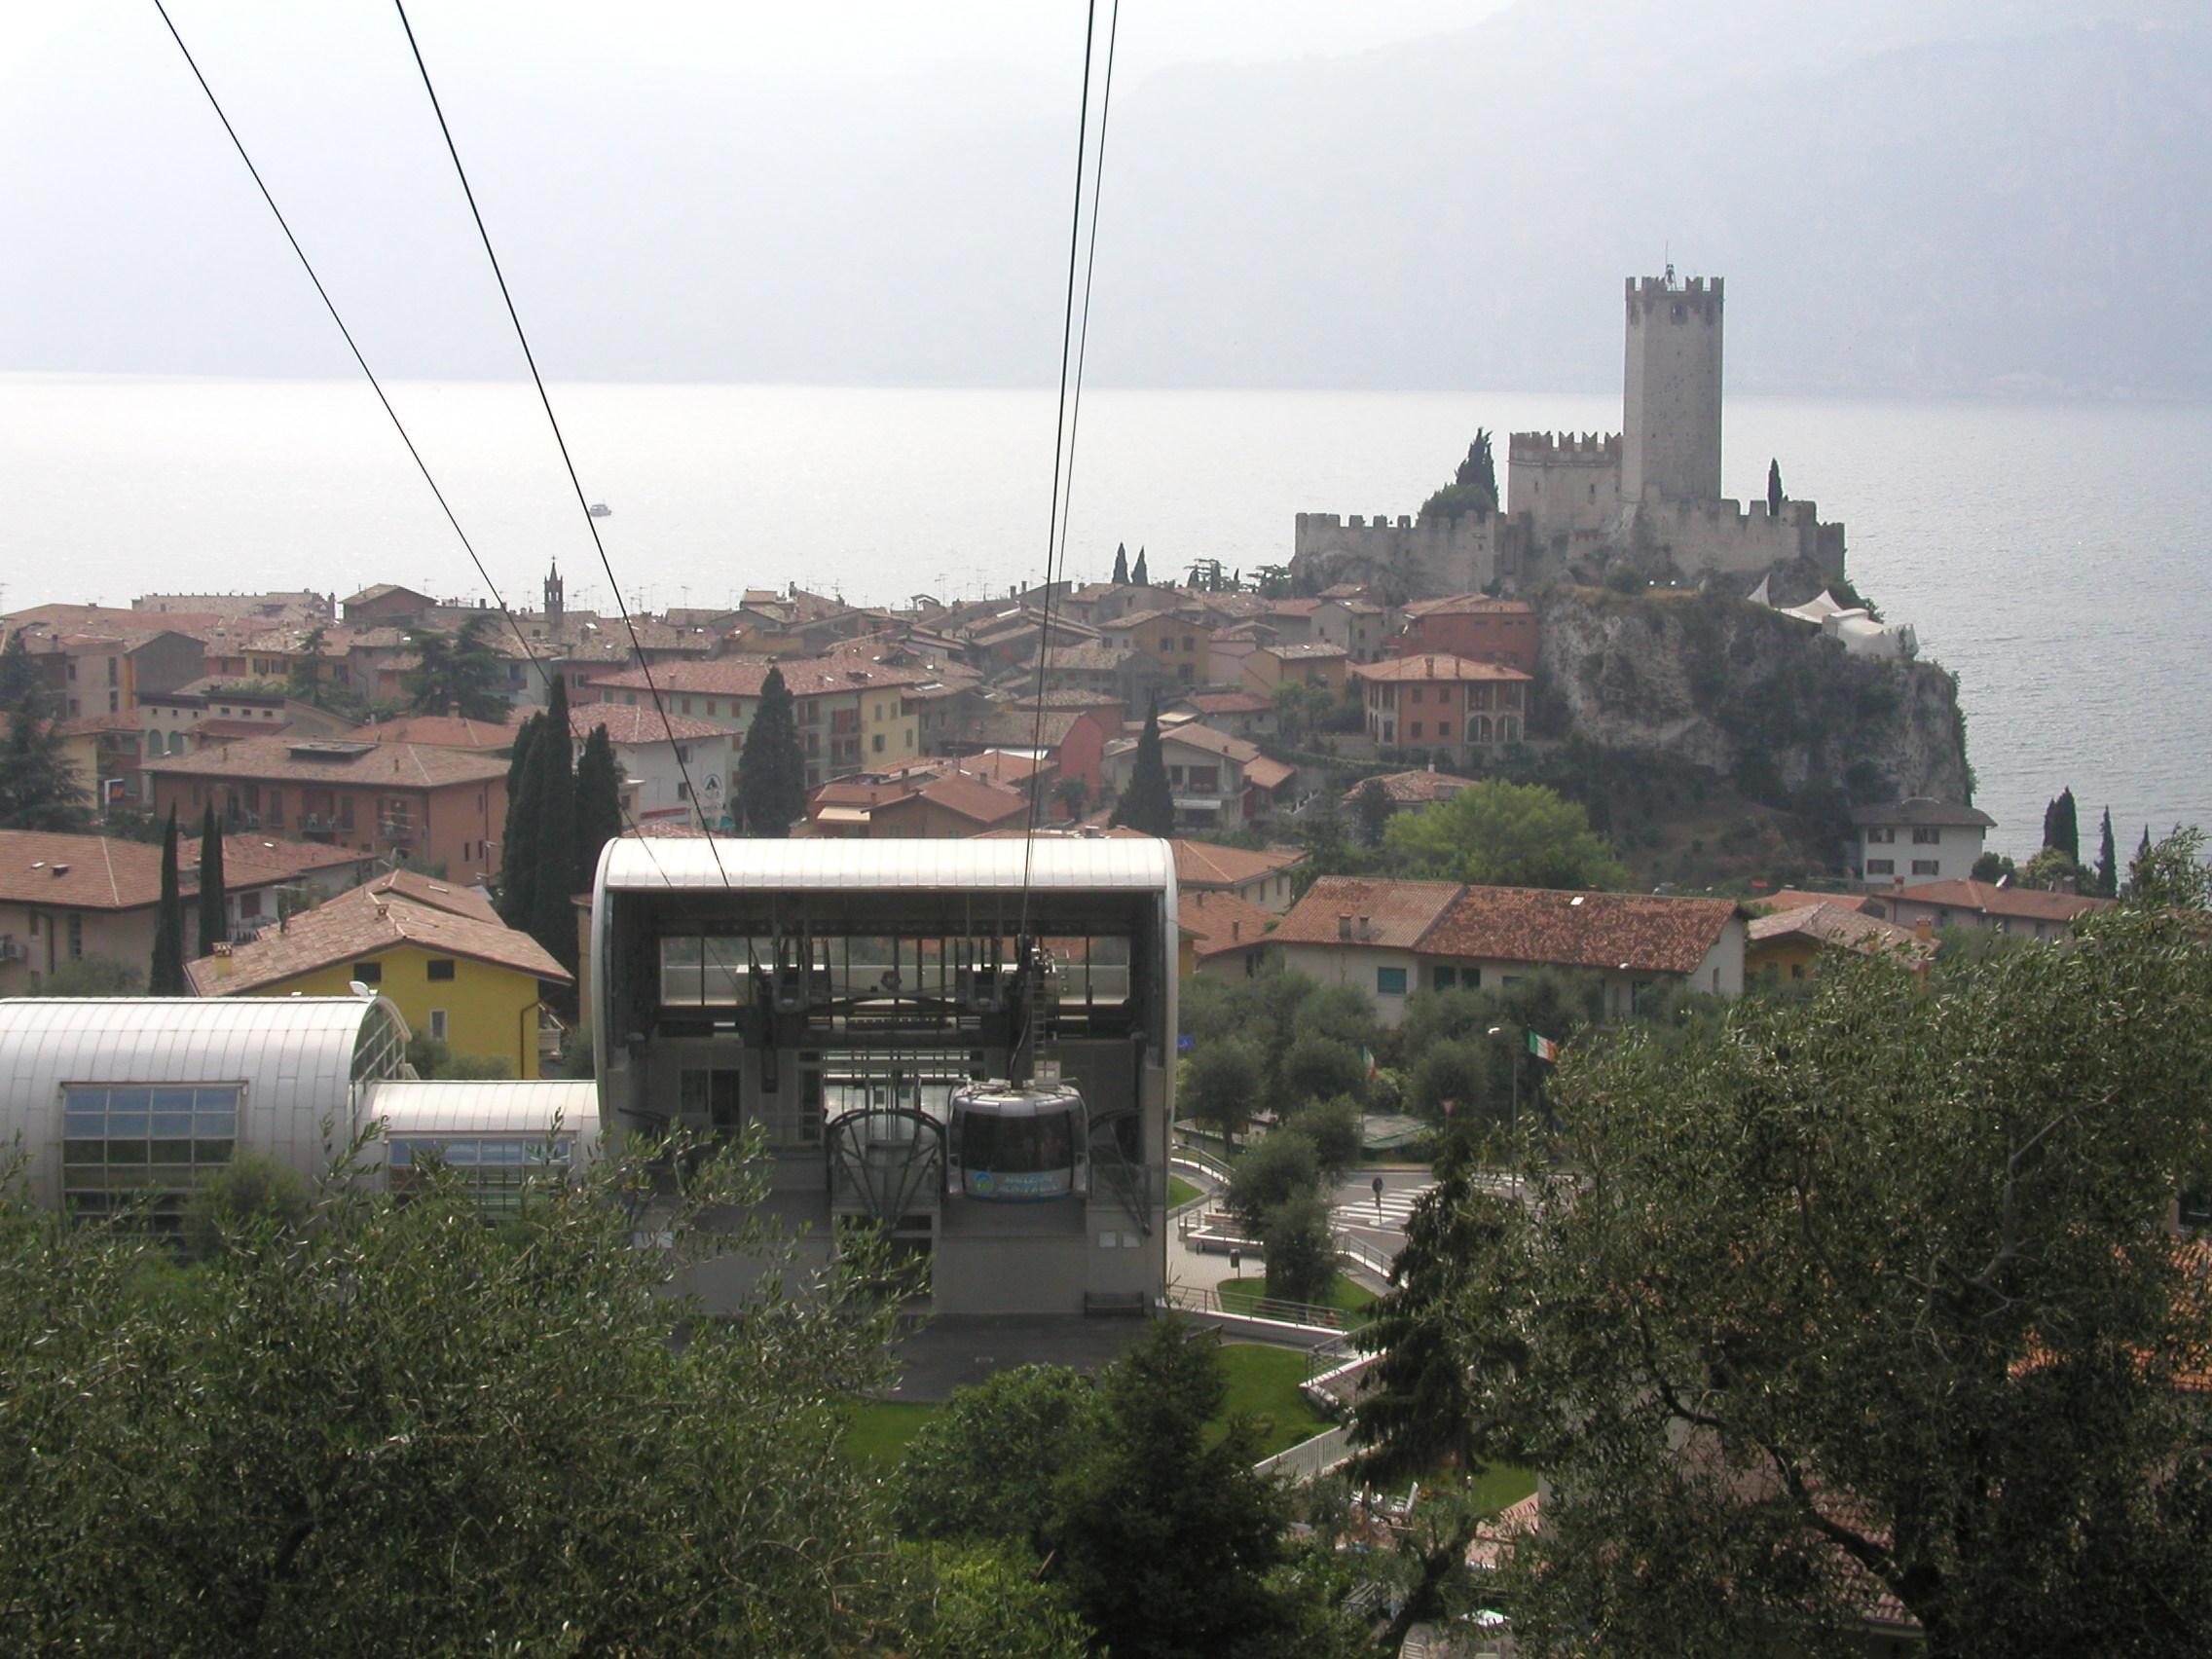 Itálie - Malcesine - stanice lanovky a hrad ze 13.stol